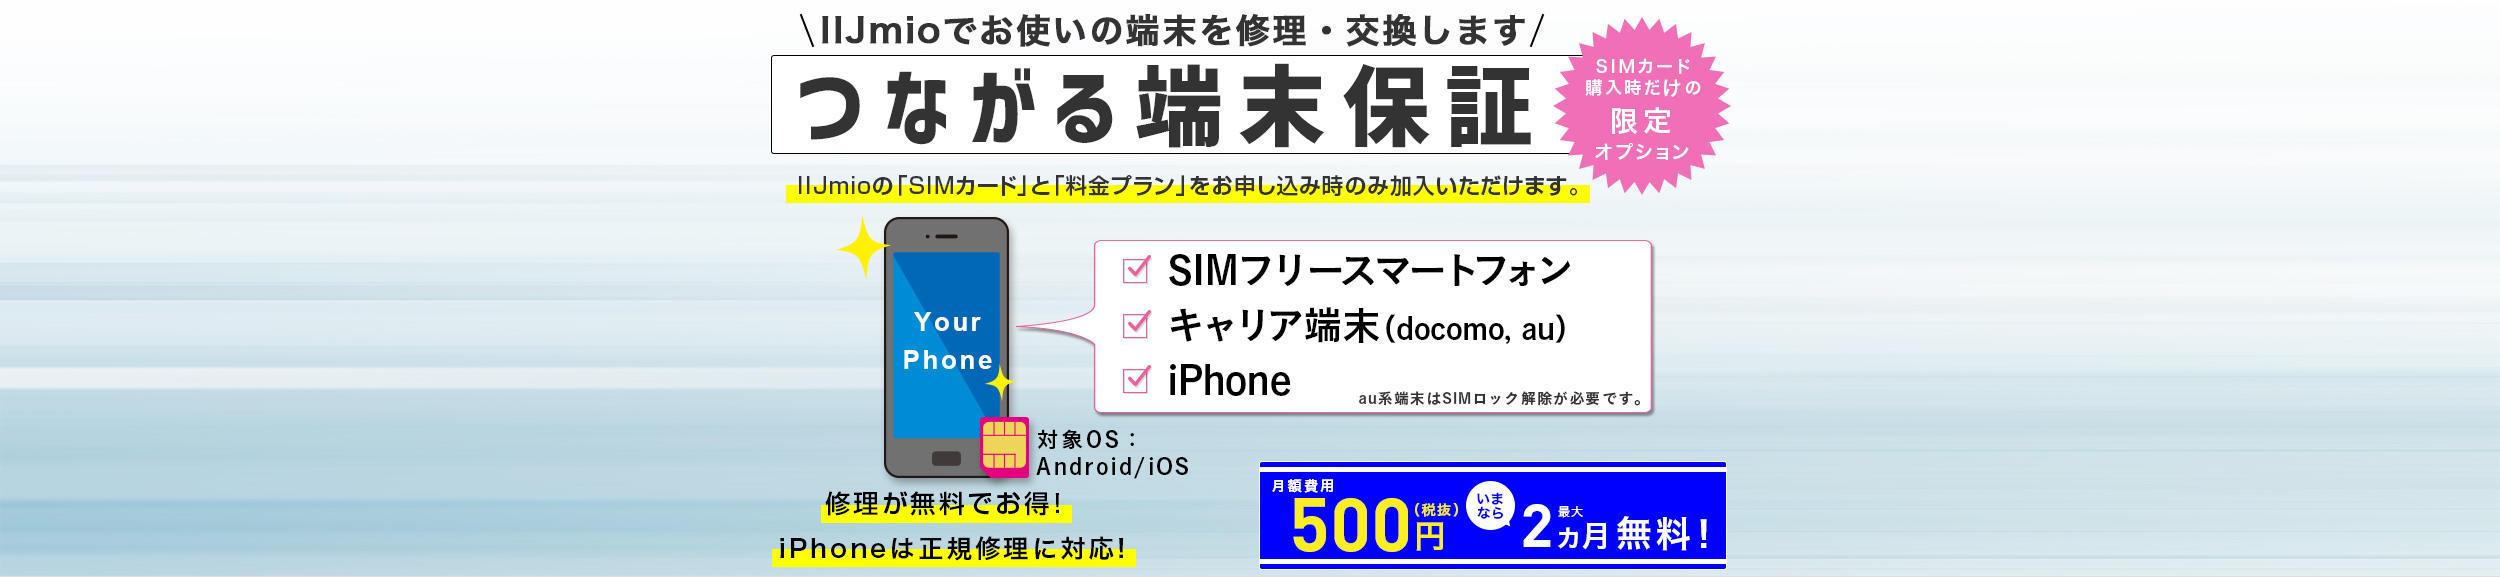 つながる端末保証_170510_02 (1).jpg